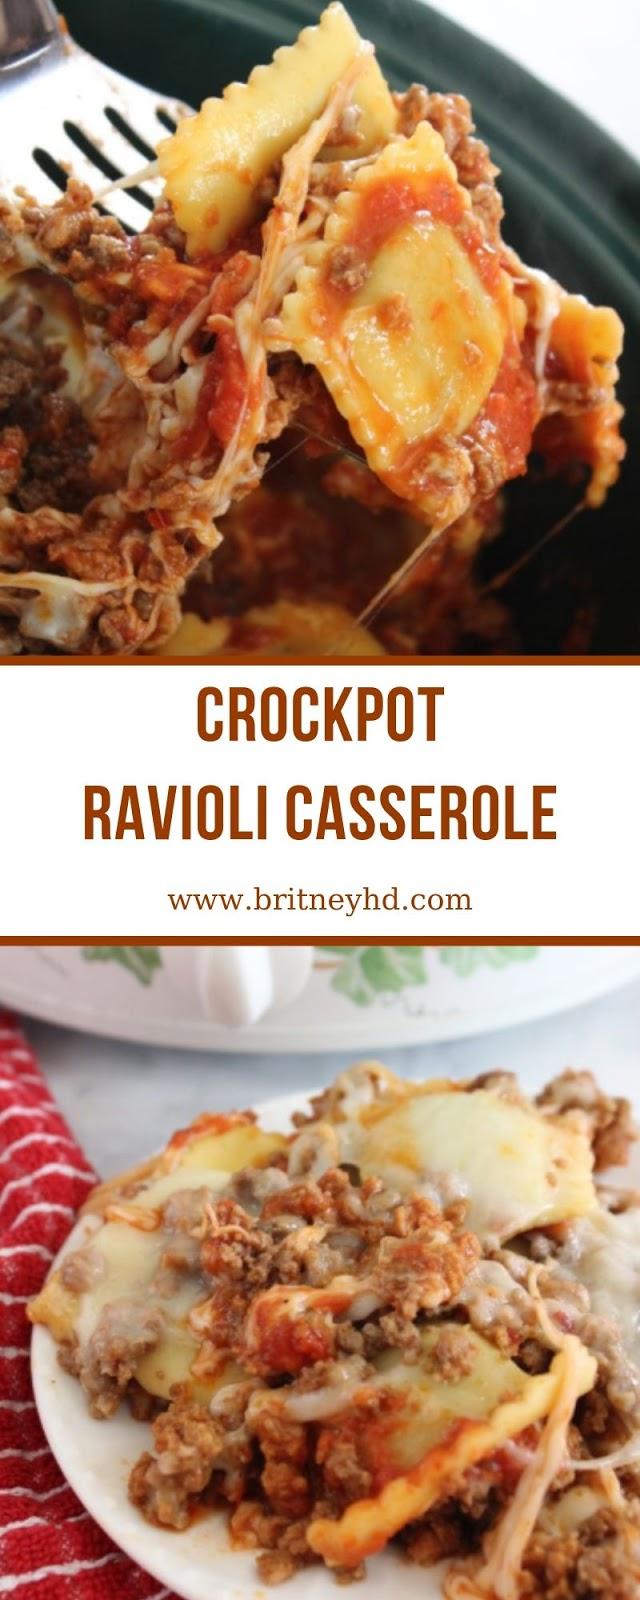 CROCKPOT RAVIOLI CASSEROLE